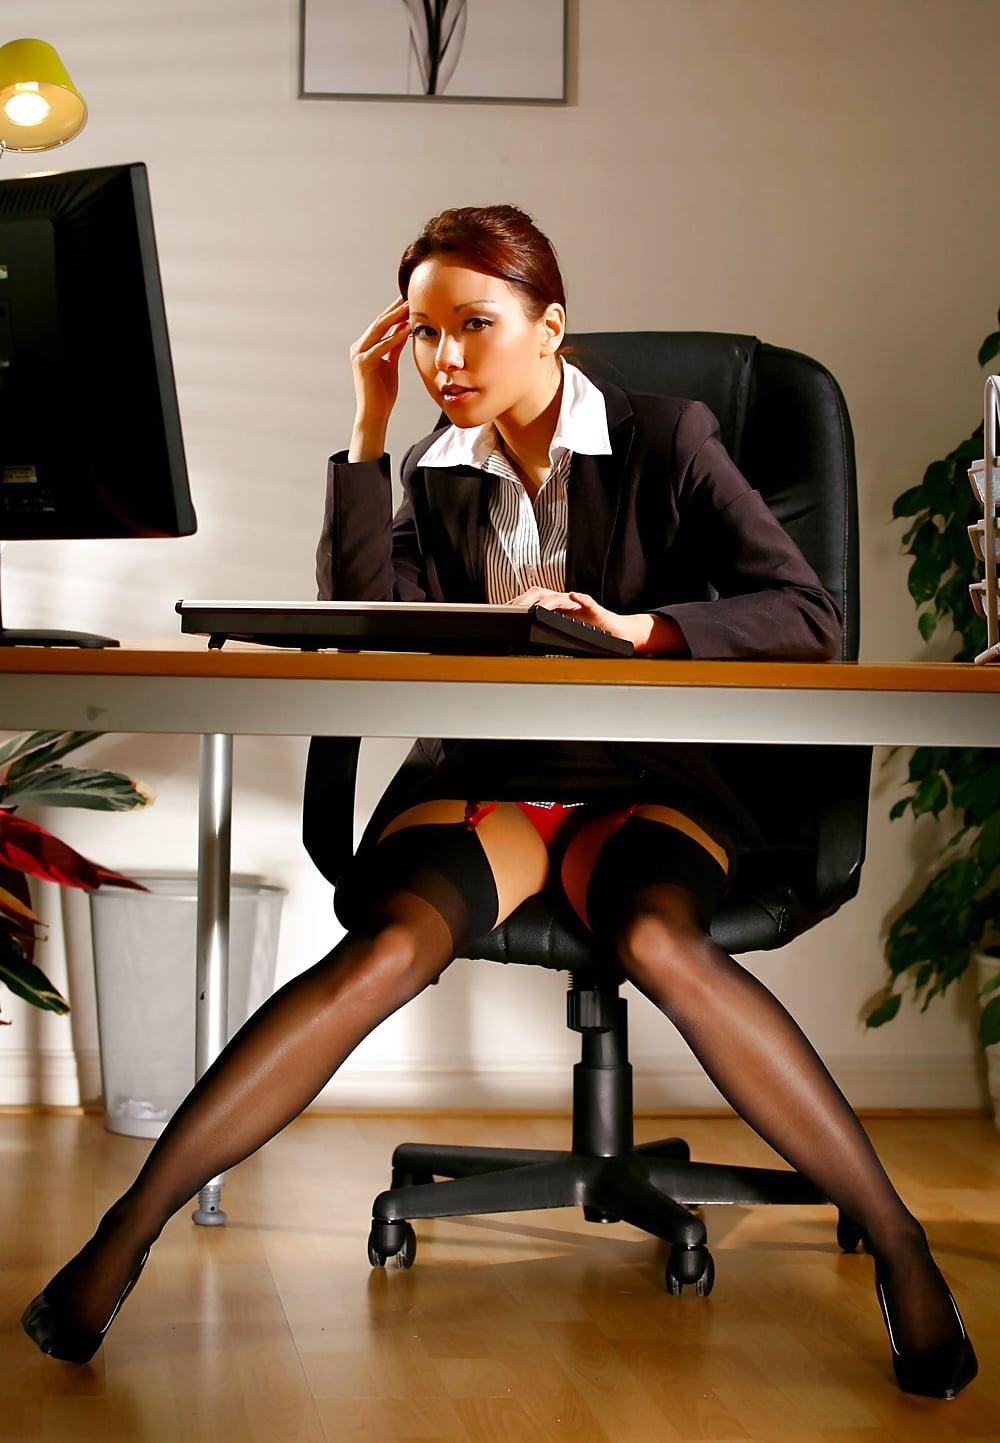 Офисные чулки девушек сидит за столом возле компа снизу вид на чулки с поясом, засветила красные трусики